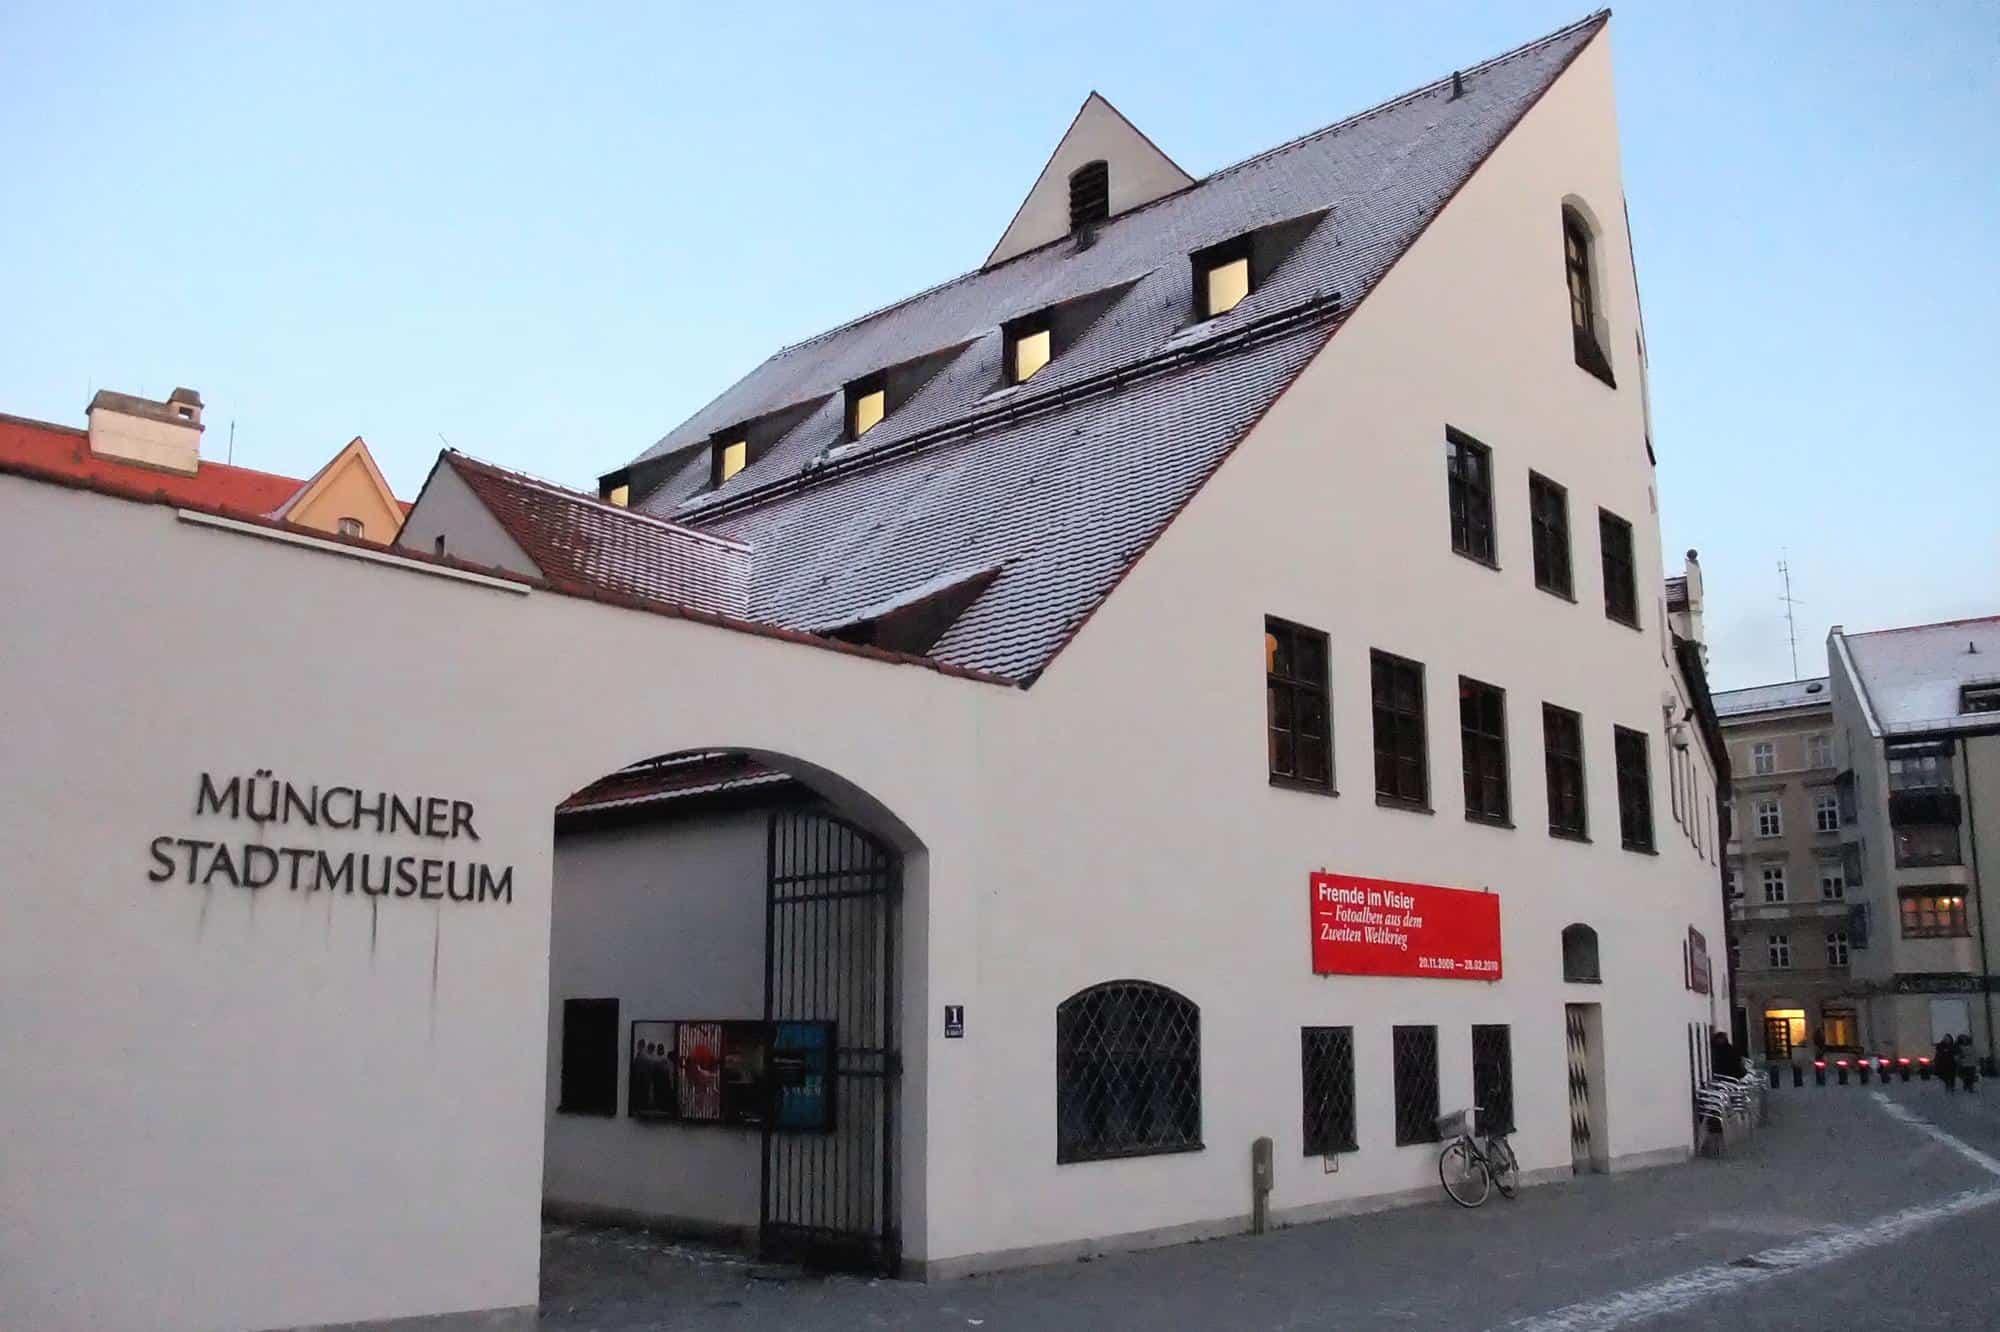 Münchner Stadtmuseum